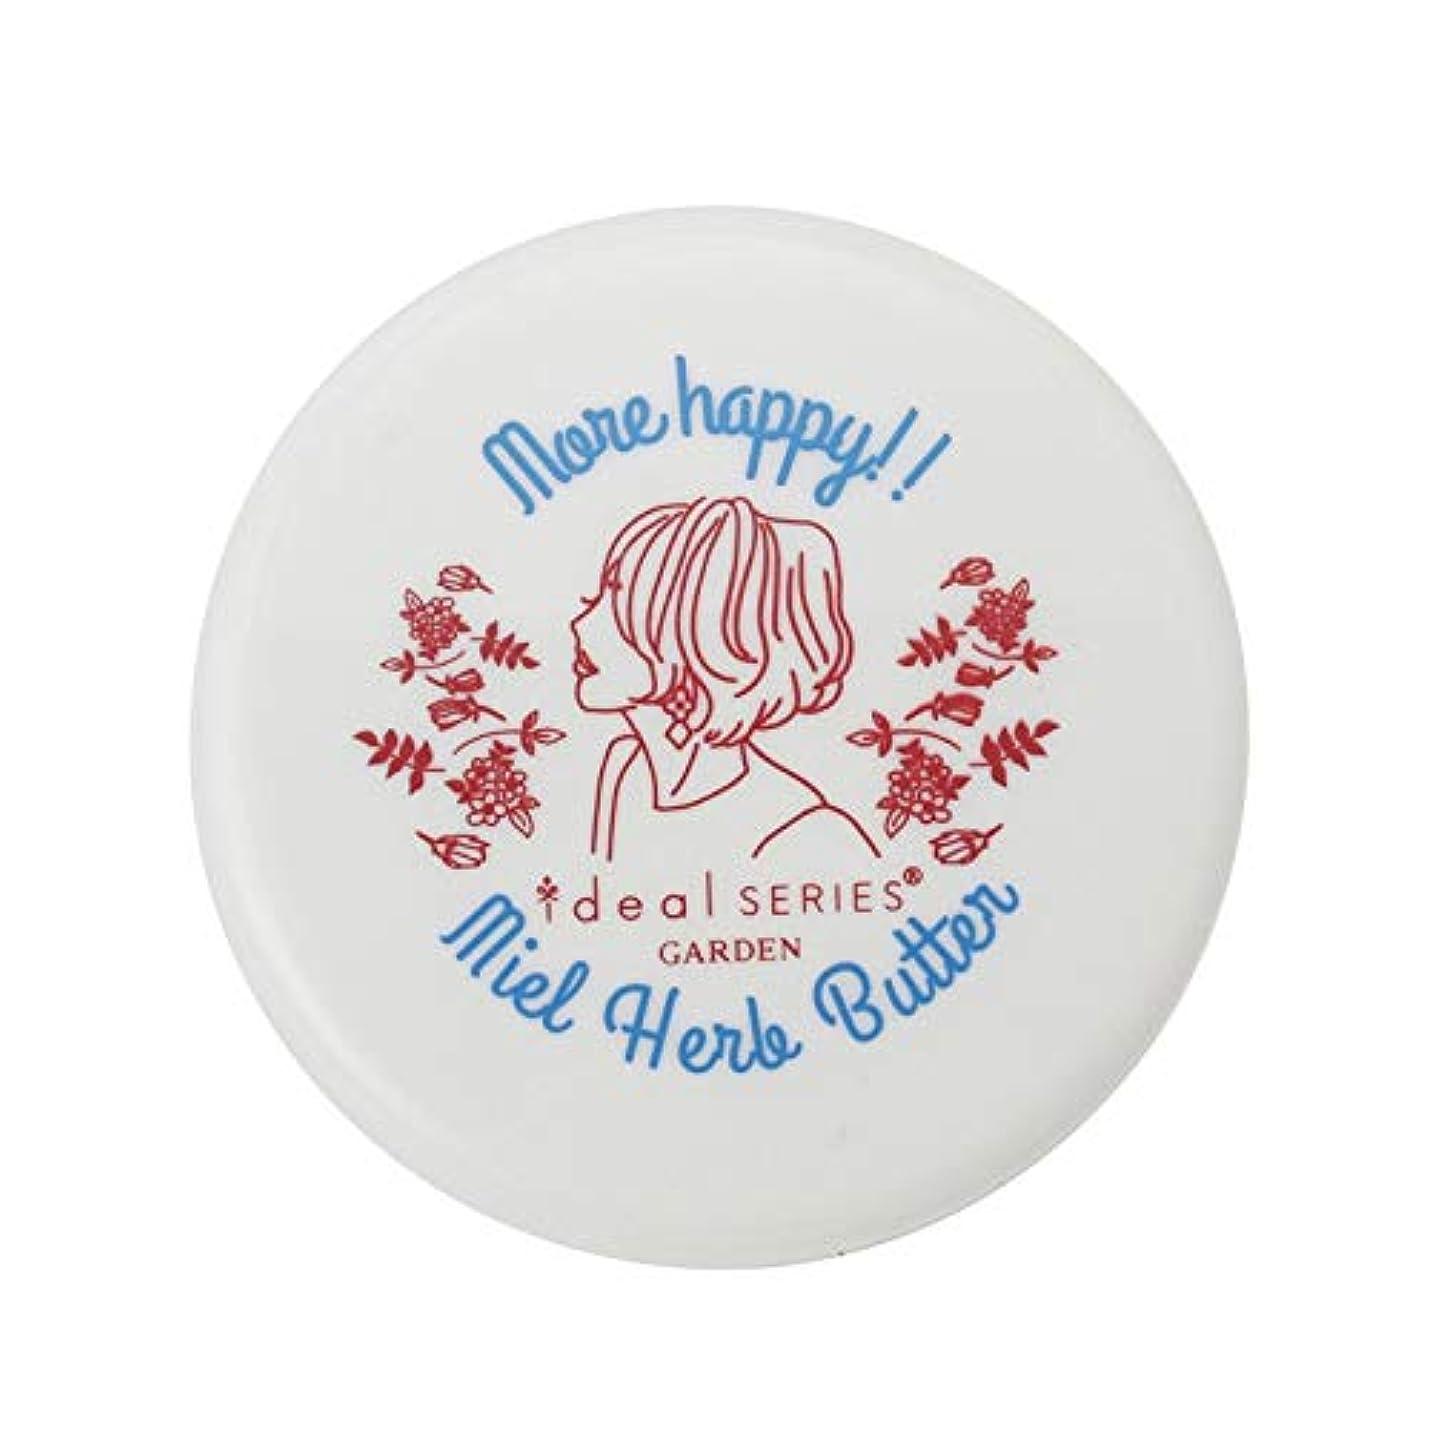 シールペストリーしわideal SERIES(イデアルシリーズ) ideal SERIES GARDEN miel Herb Butter MS ミエルハーブバター/28g ヘアワックス